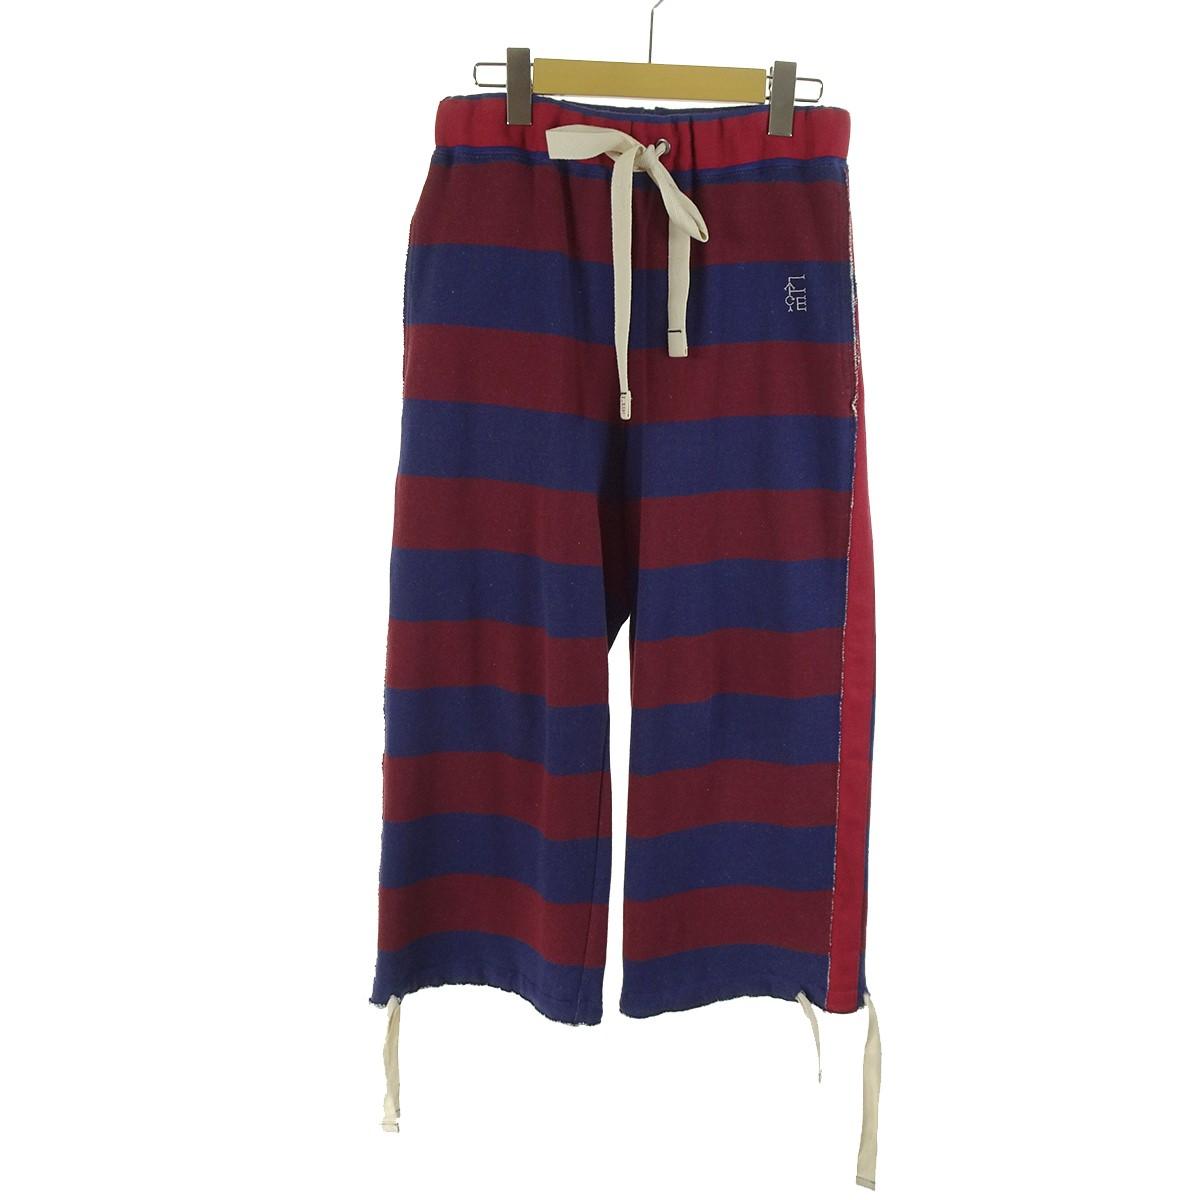 【中古】FACETASM CUT OFF WIDE SWEAT PANTS ネイビー×レンガ サイズ:- 【261219】(ファセッタズム)